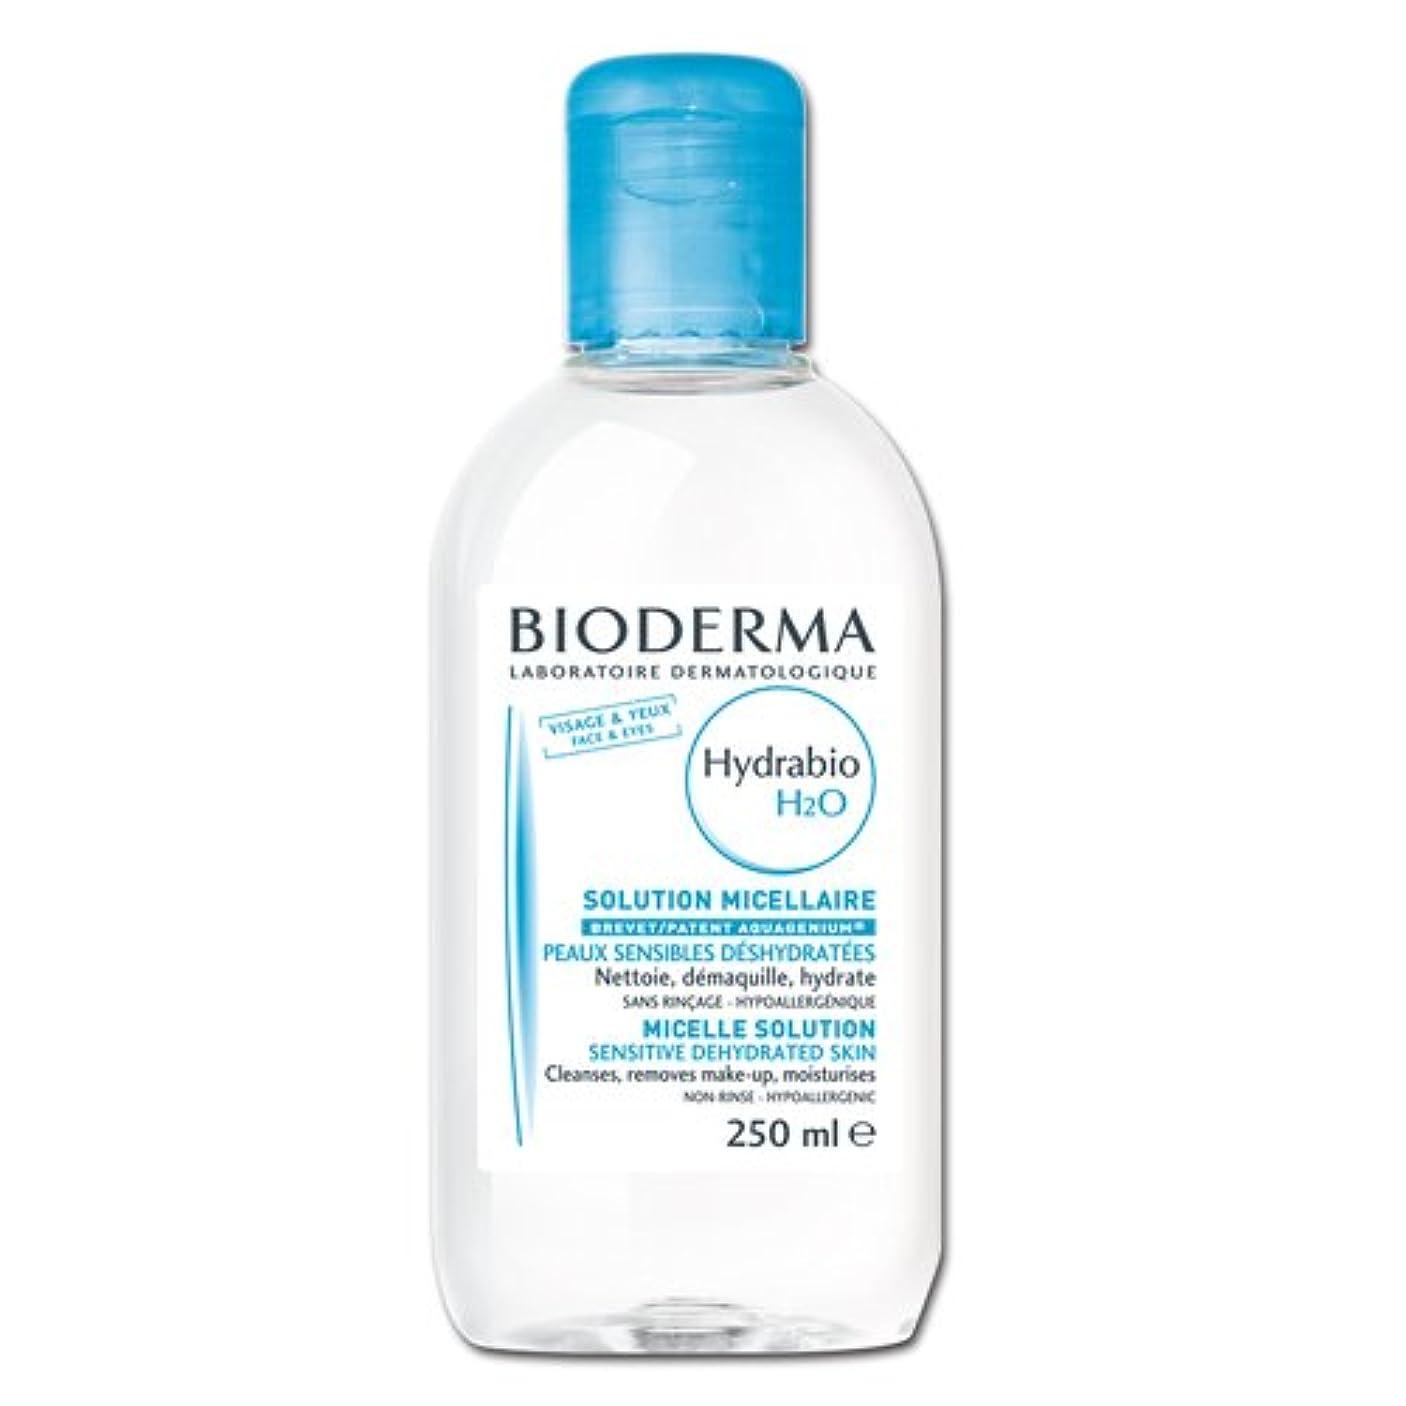 ベーシック敬な移住するBioderma ビオデルマ イドラビオ エイチツーオー D (H2O) 250ml [並行輸入品]